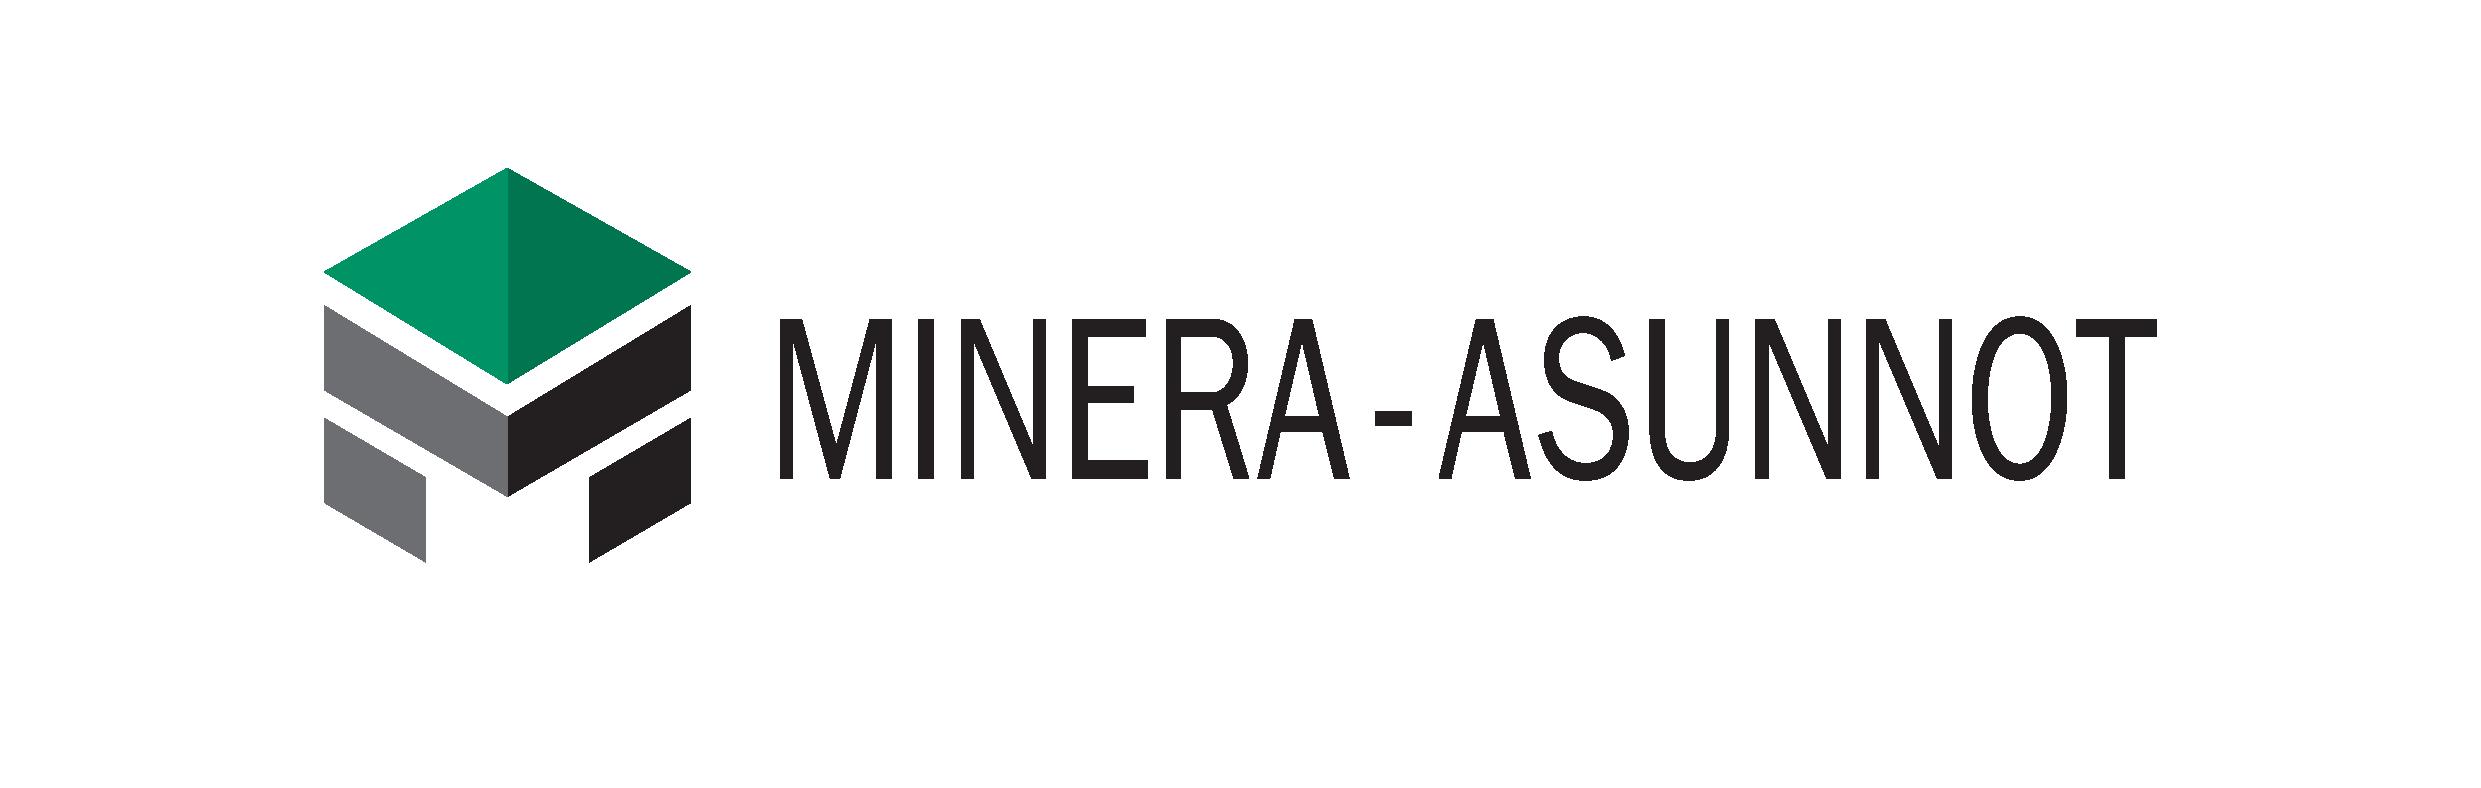 MINERA-ASUNNOT